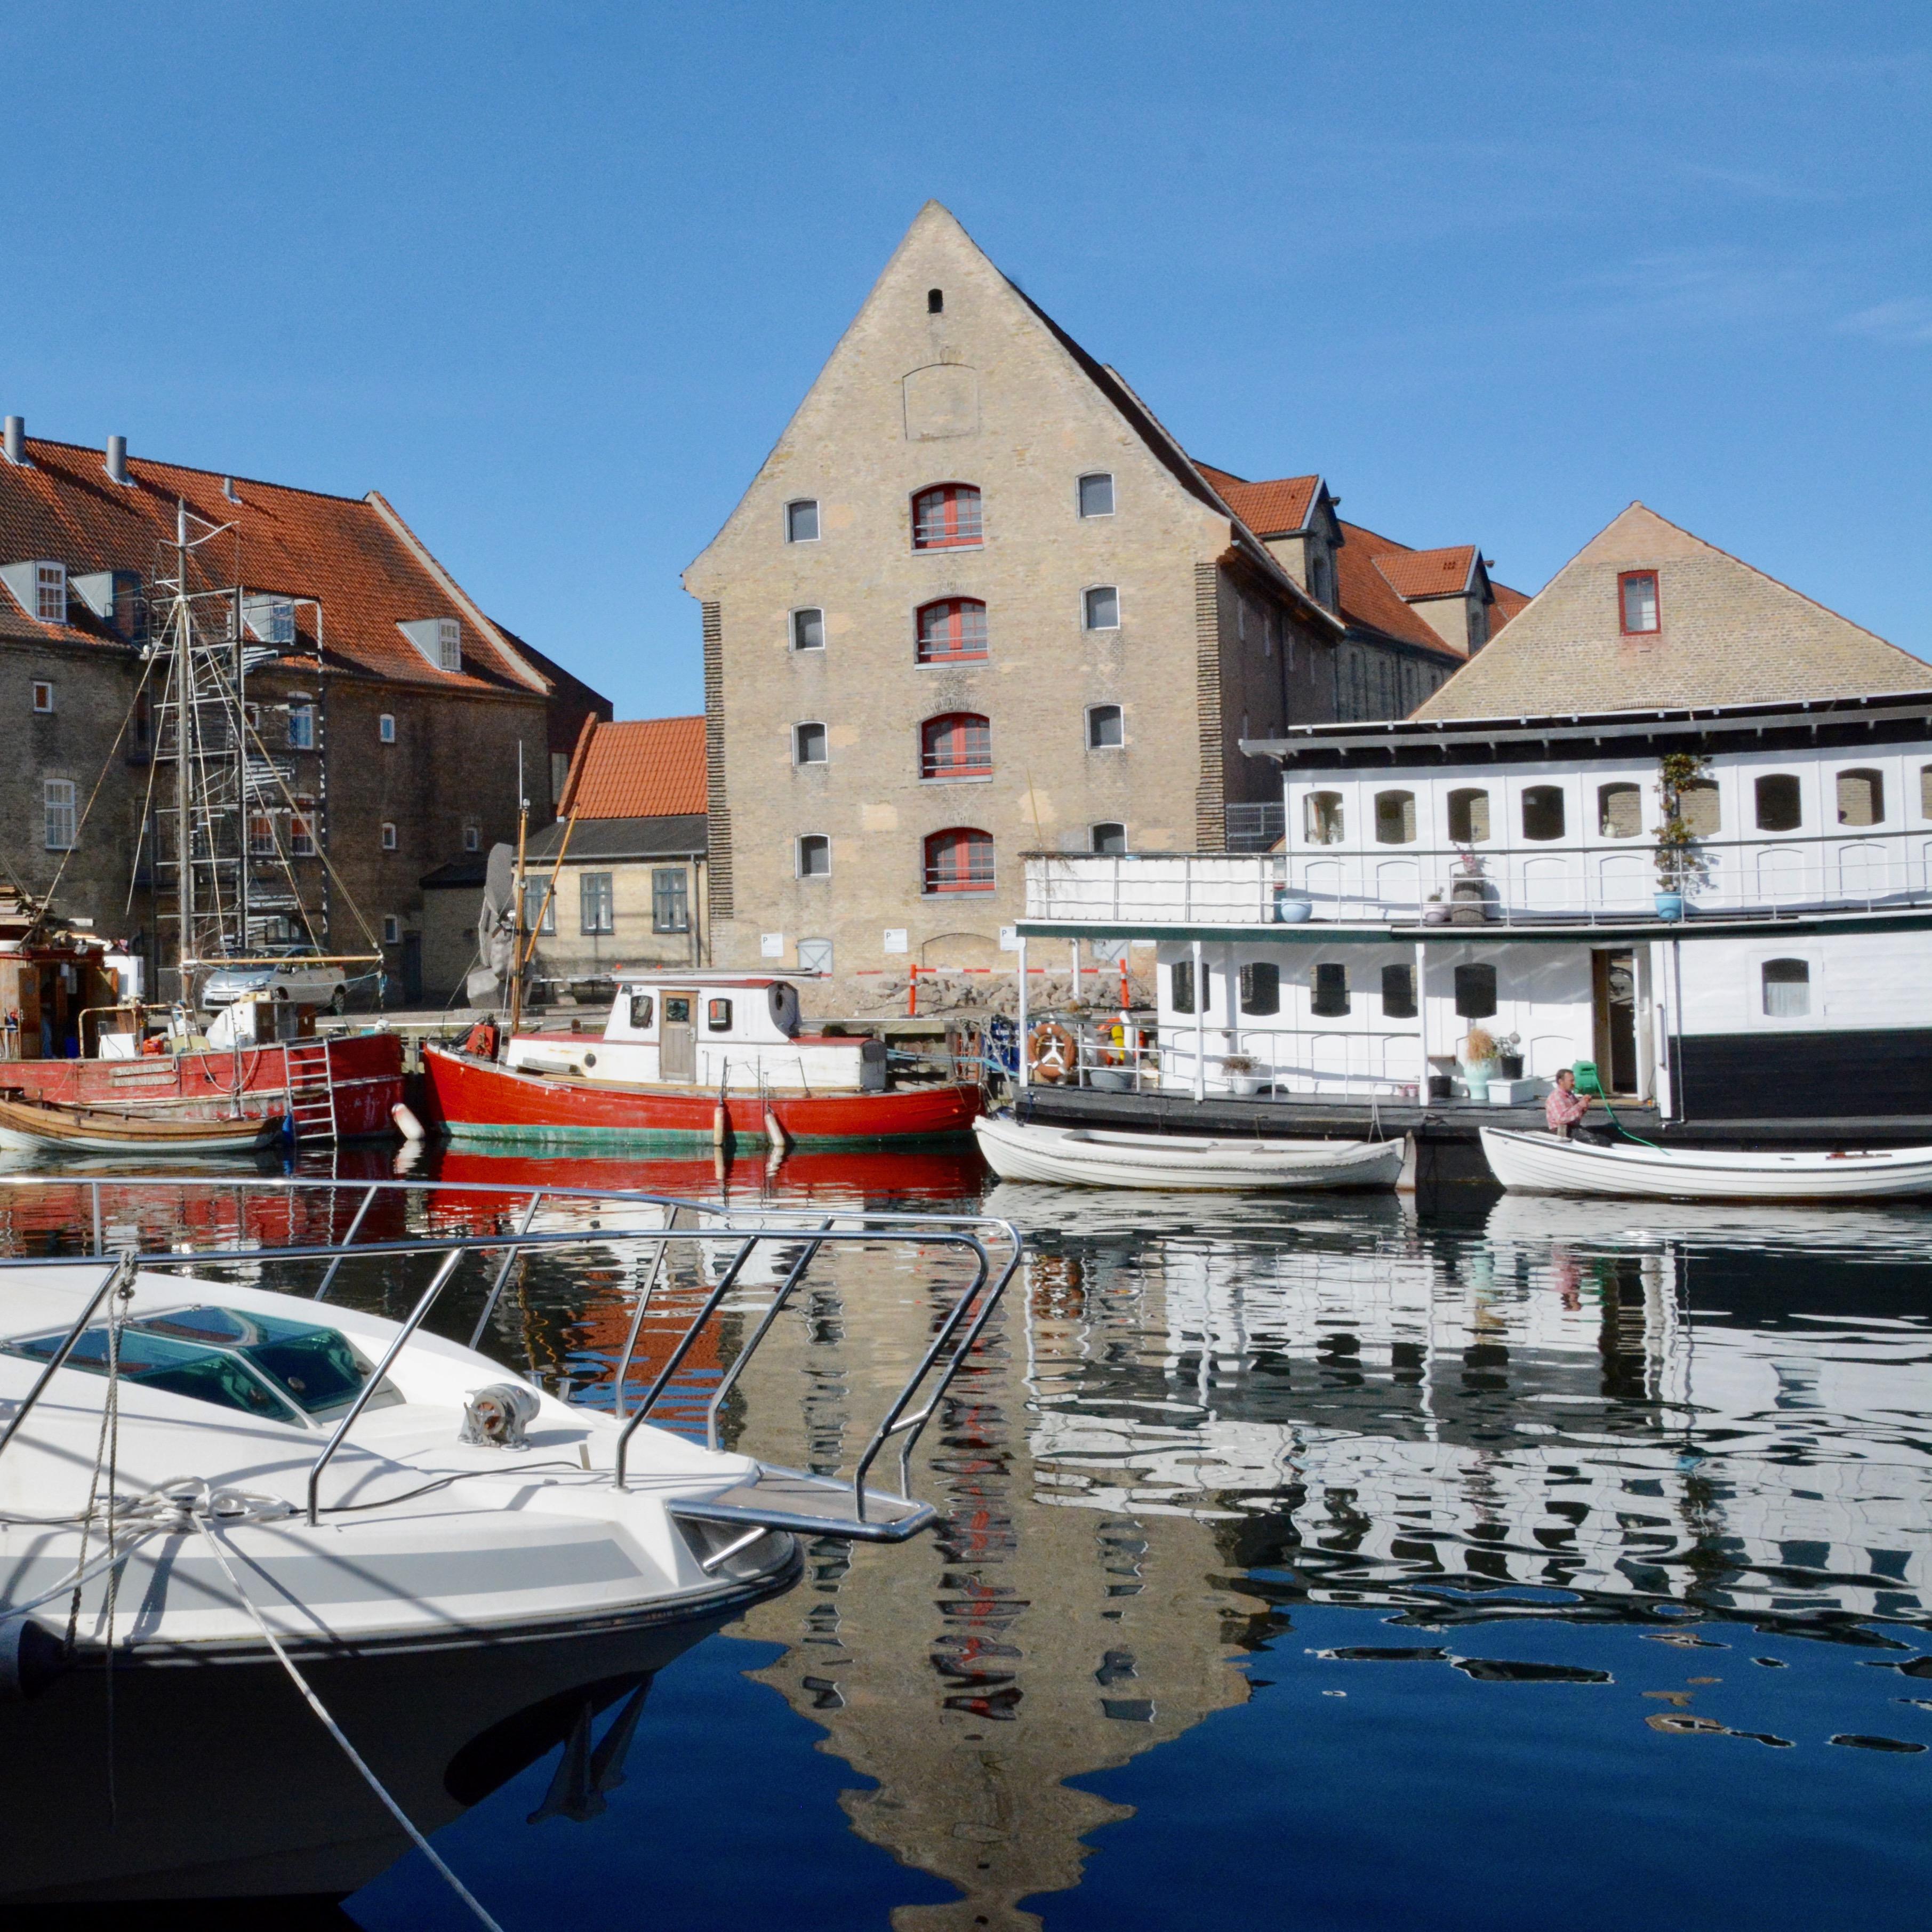 travel with kids children copenhagen denmark christianshavn canal boats